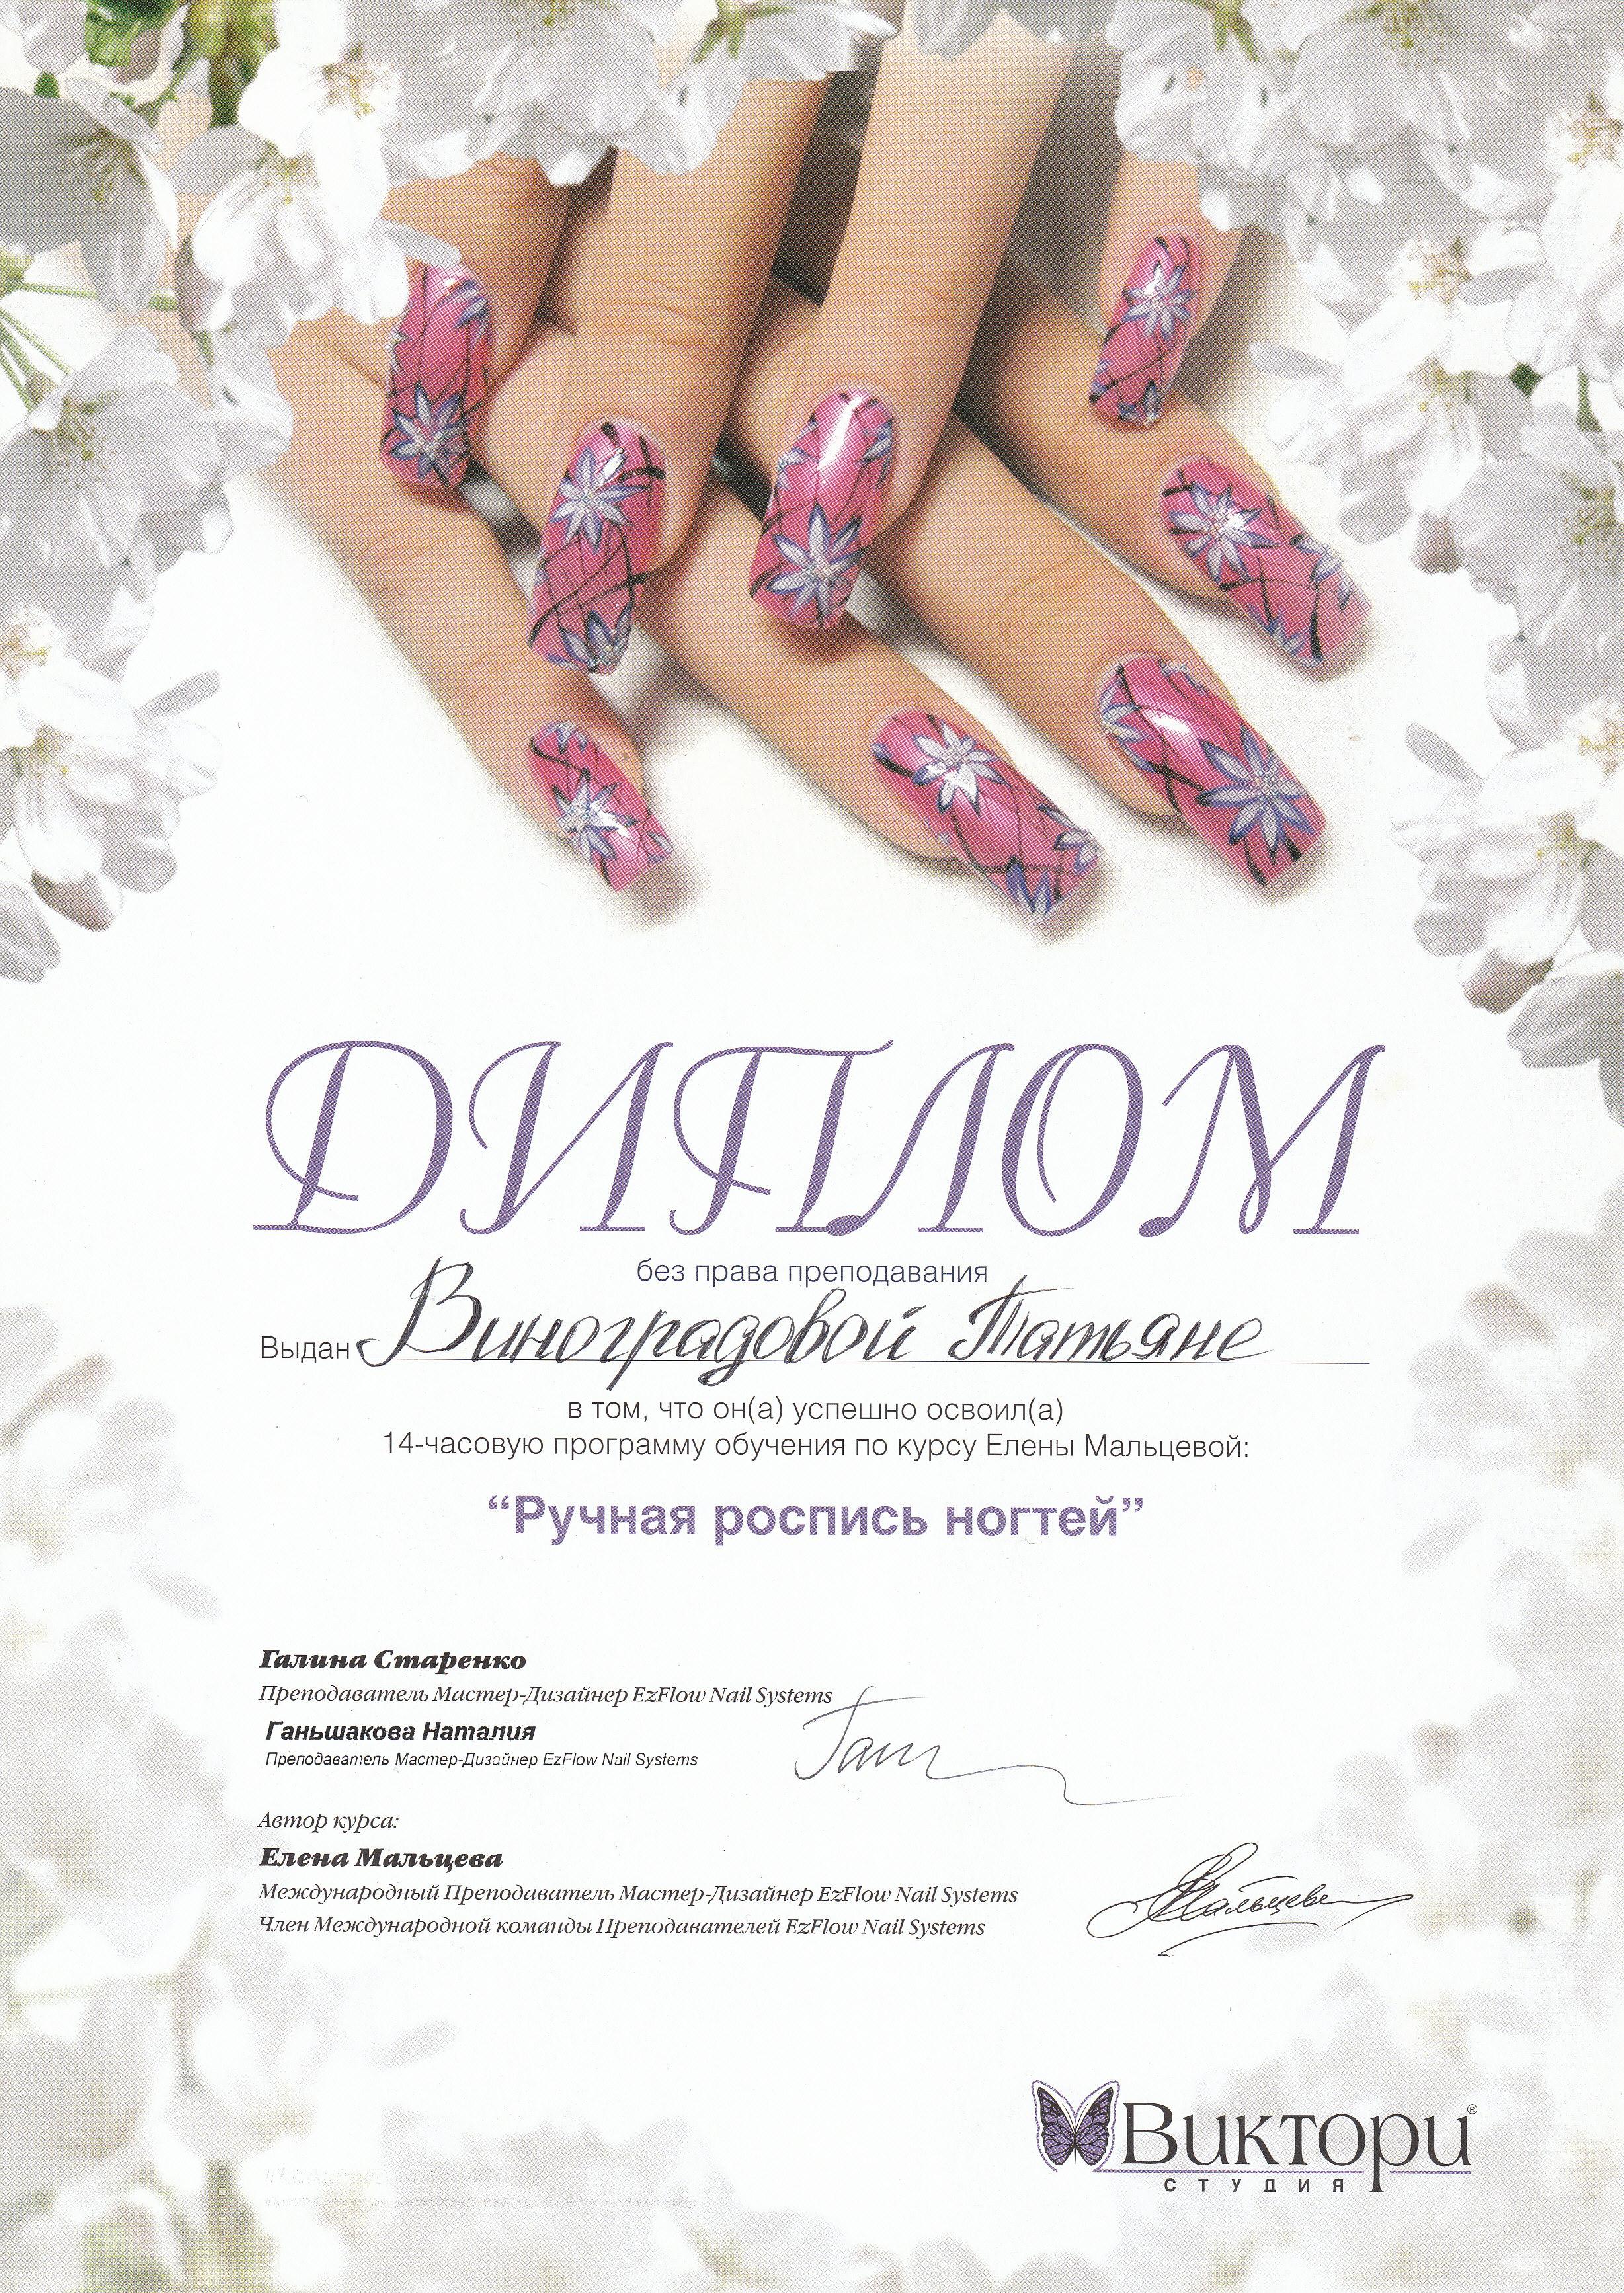 Курсы по наращиванию ногтей в твери цены